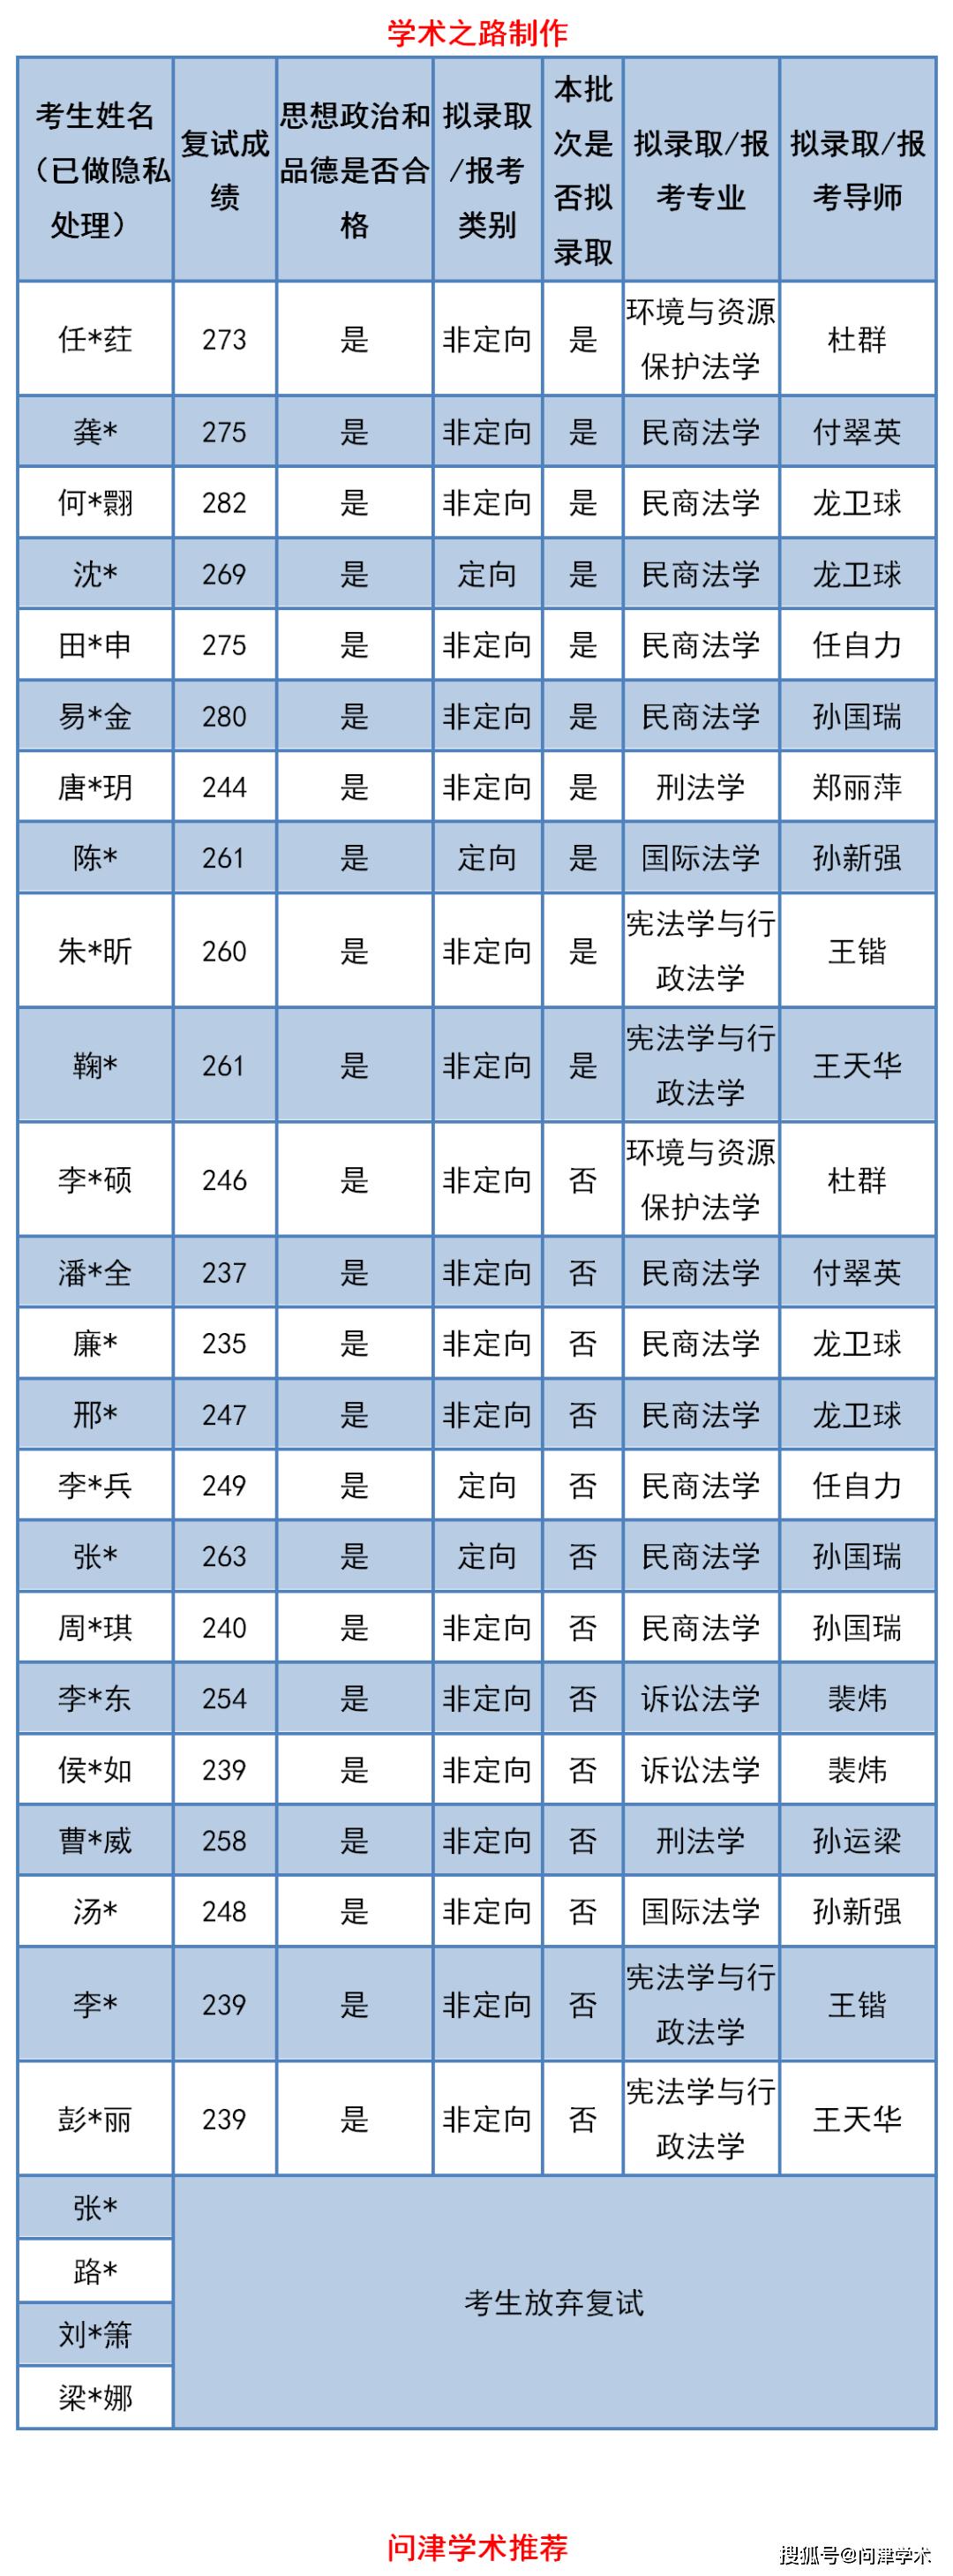 复试对北京航空航天大学